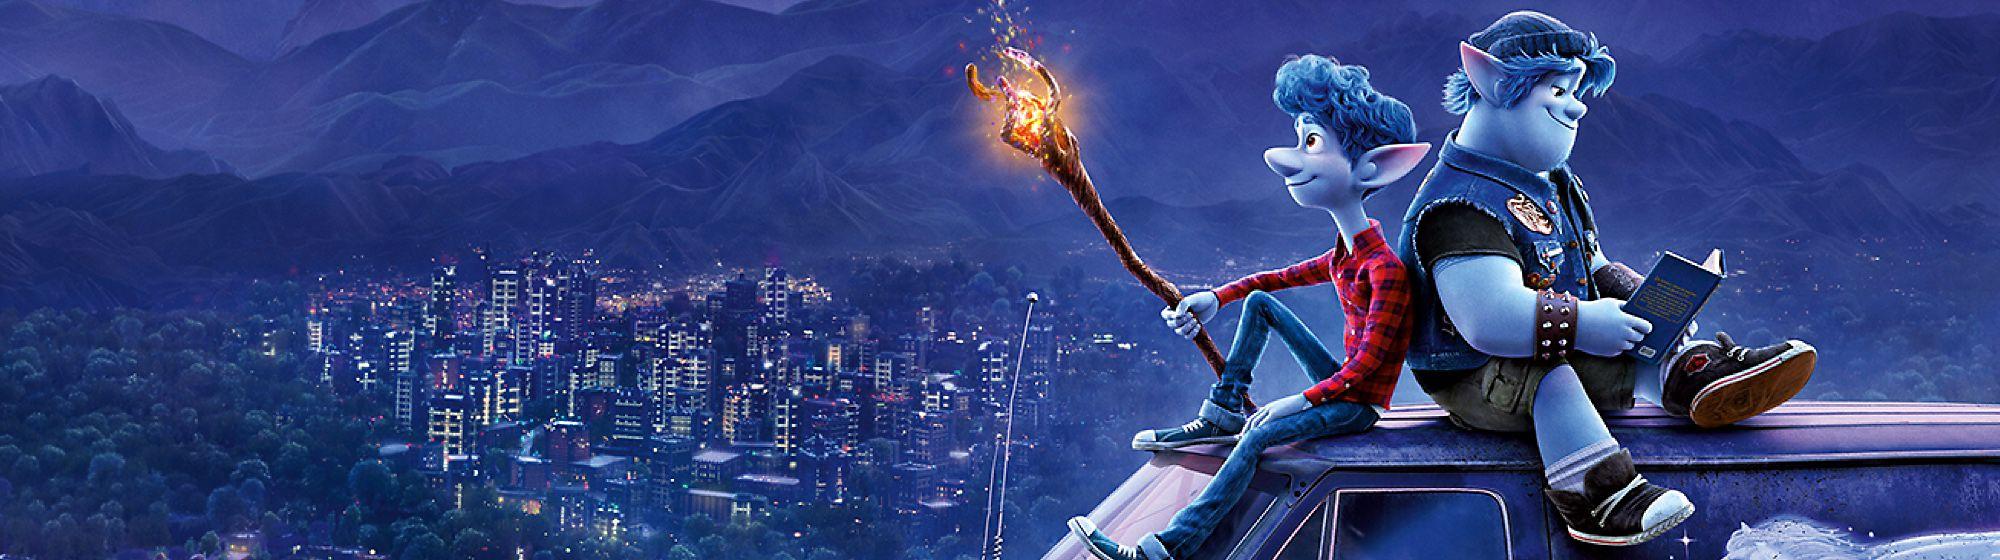 Onward Segui Ian e Barley nella loro epica ricerca in Onward - Oltre la magia, il film Disney Pixar di prossima uscita. Entra nel loro fantastico mondo dei sobborghi con la nostra collezione di peluche, cancelleria e altro ancora